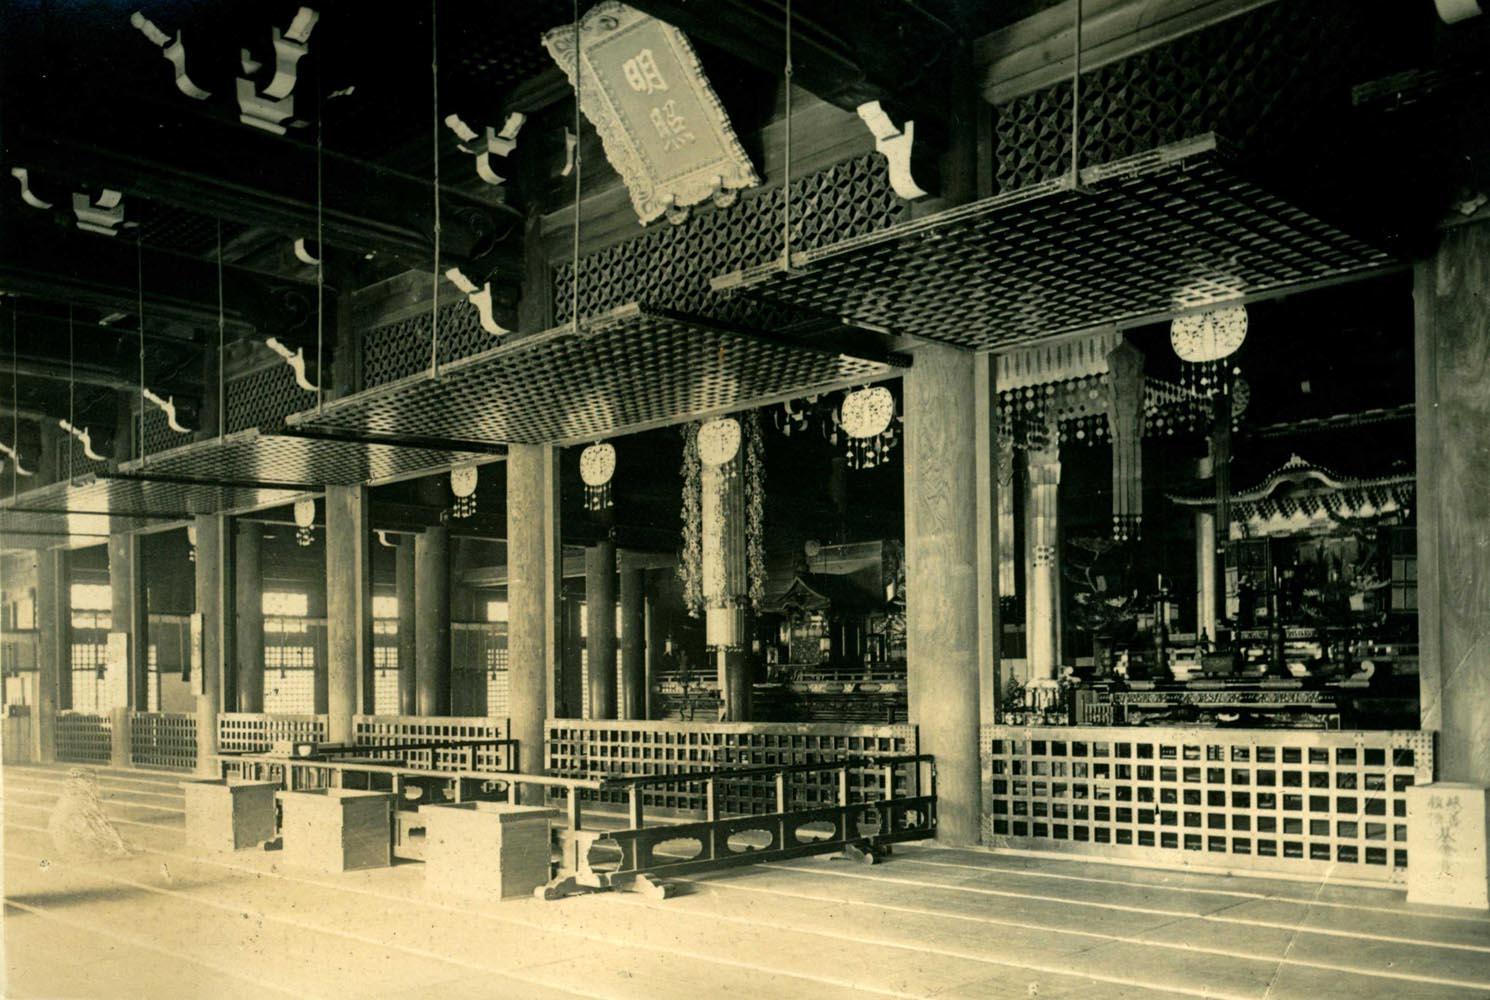 Honganji Temple, Kyoto